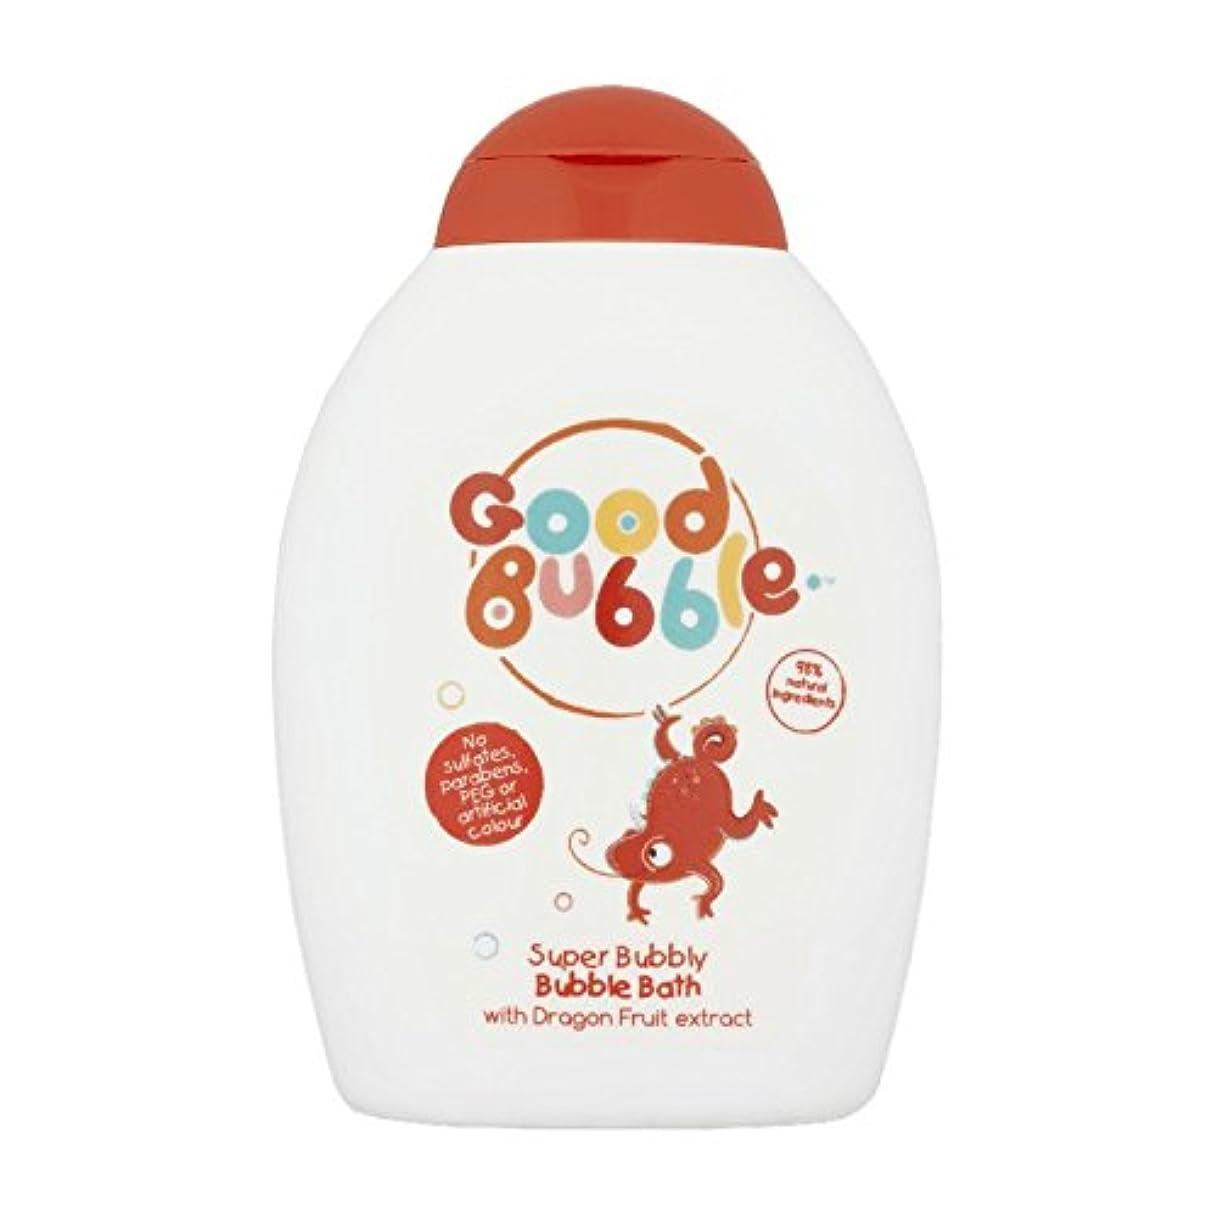 報復する落胆した定刻Good Bubble Dragon Fruit Bubble Bath 400ml (Pack of 6) - 良いバブルドラゴンフルーツバブルバス400ミリリットル (x6) [並行輸入品]